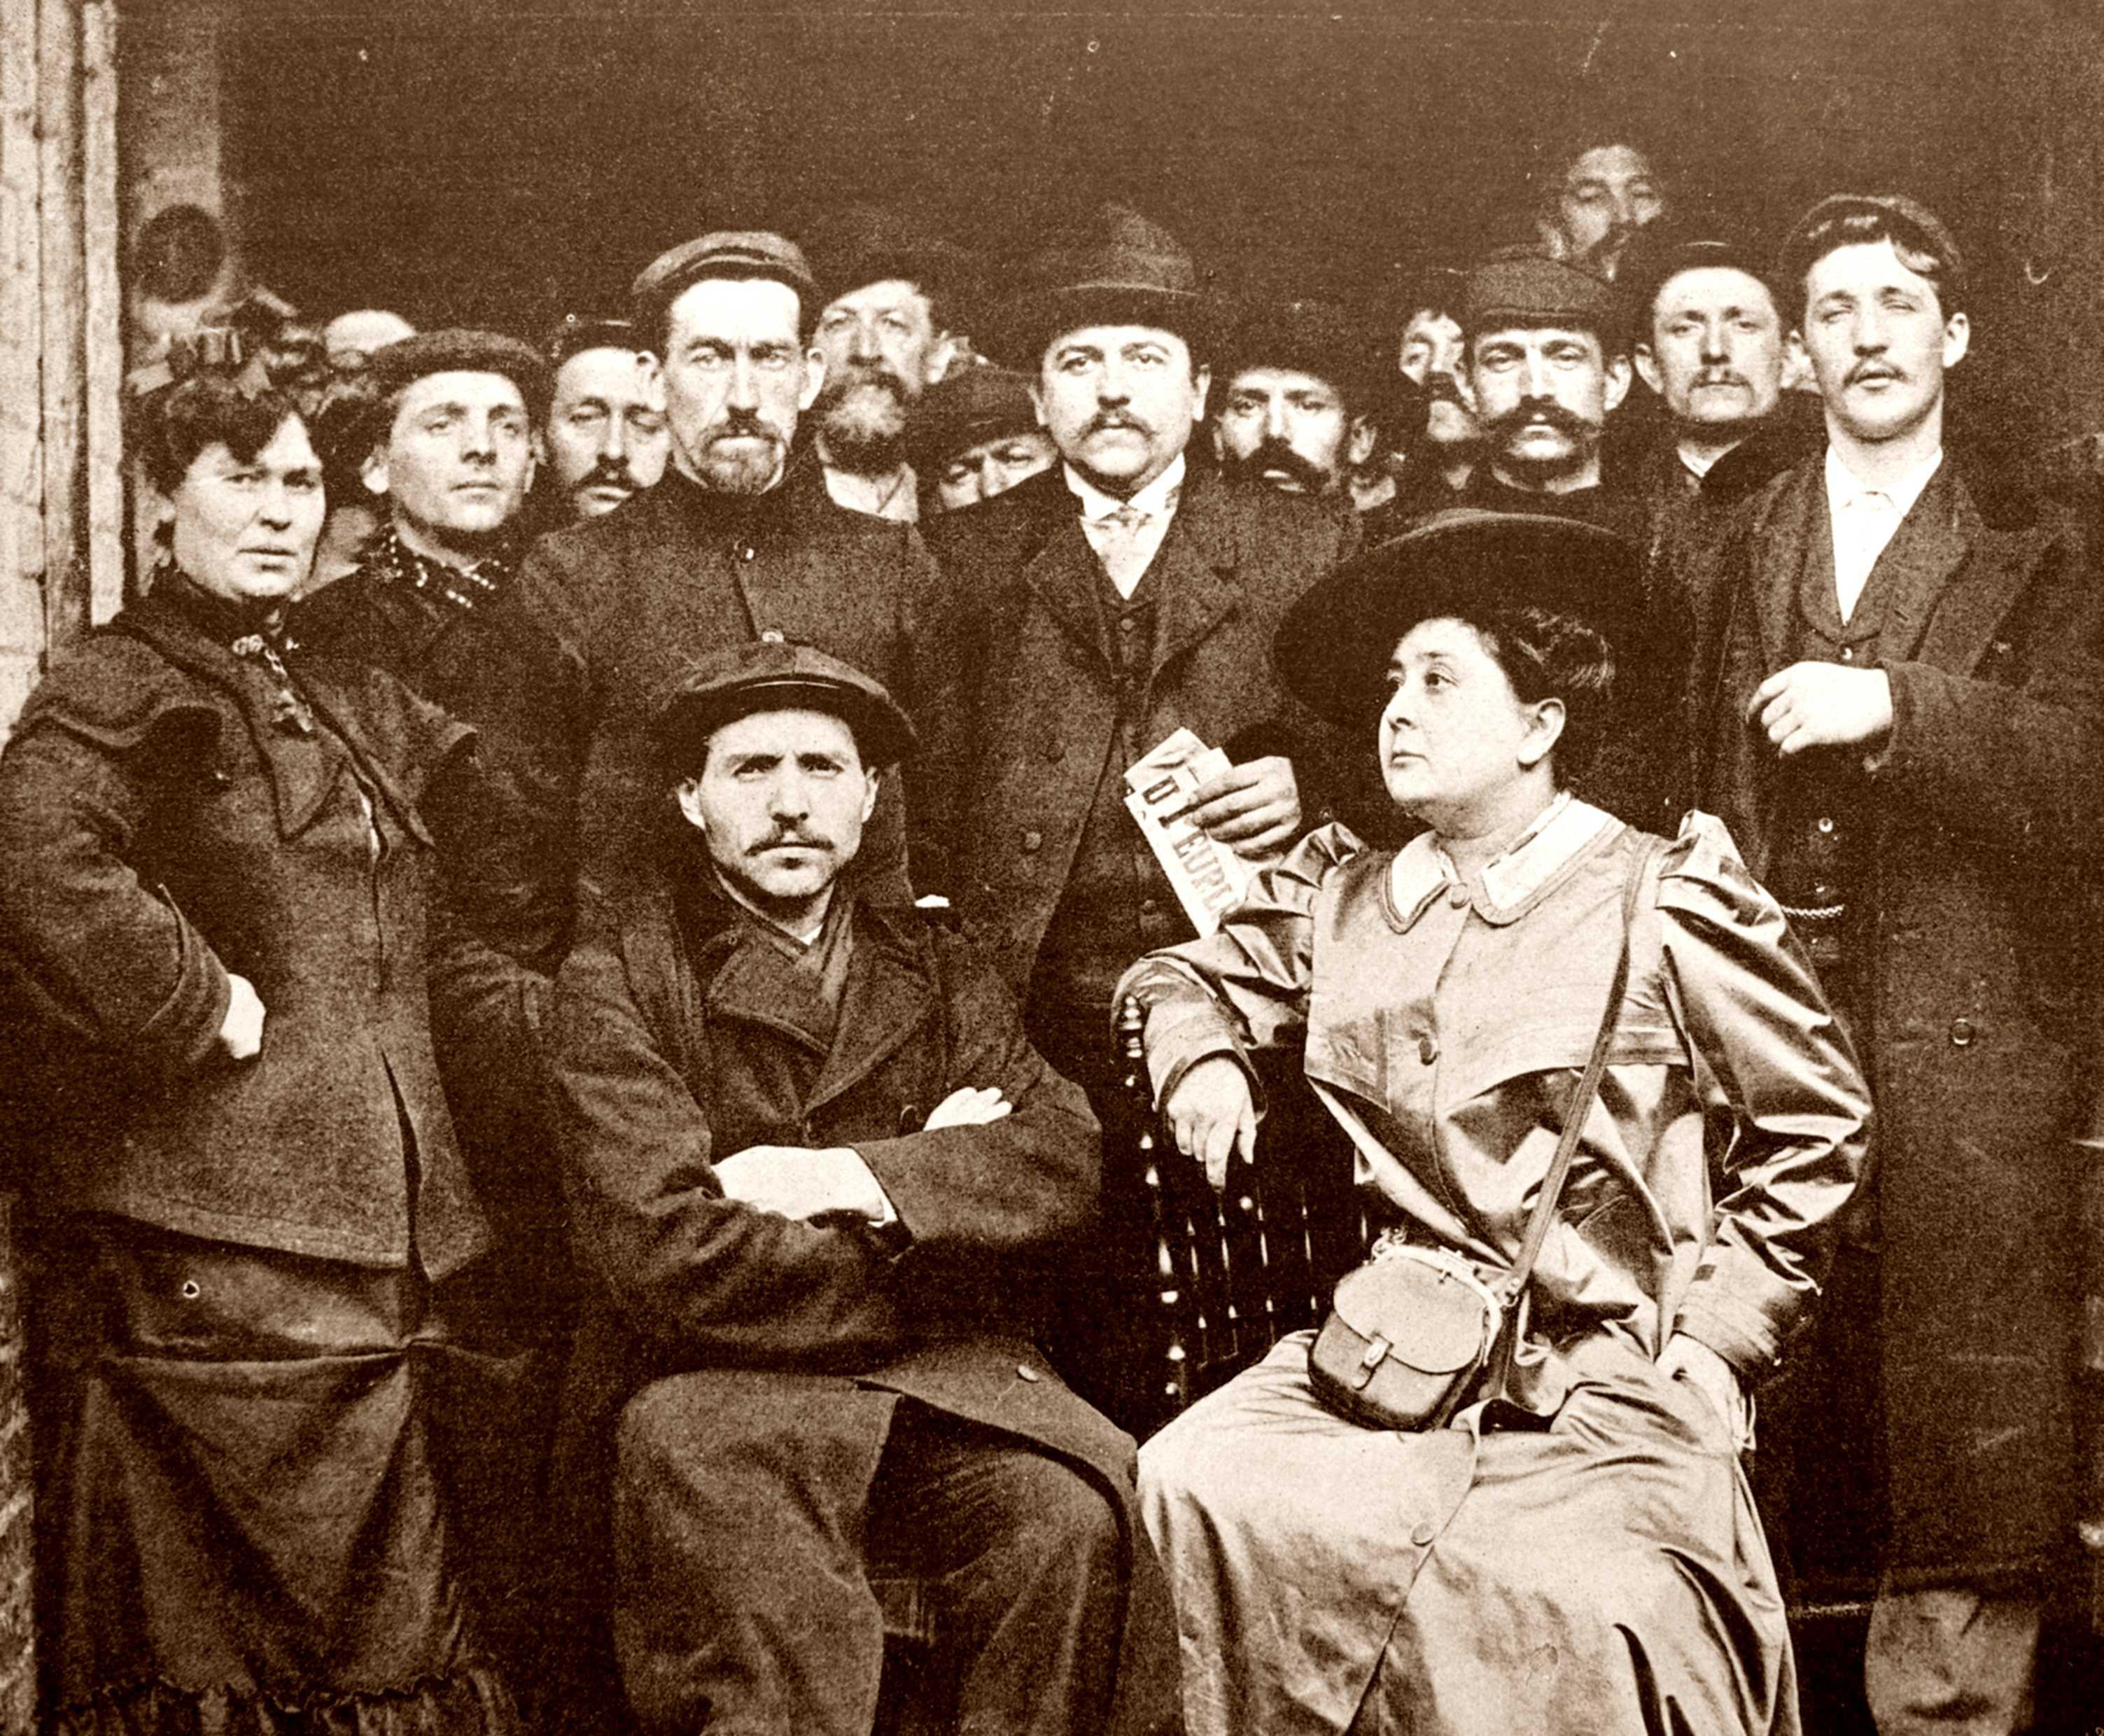 Benoît Broutchoux, assegut al centre, amb altres membres del comitè de vaga (Courrières, 1906). Fotografia Baron